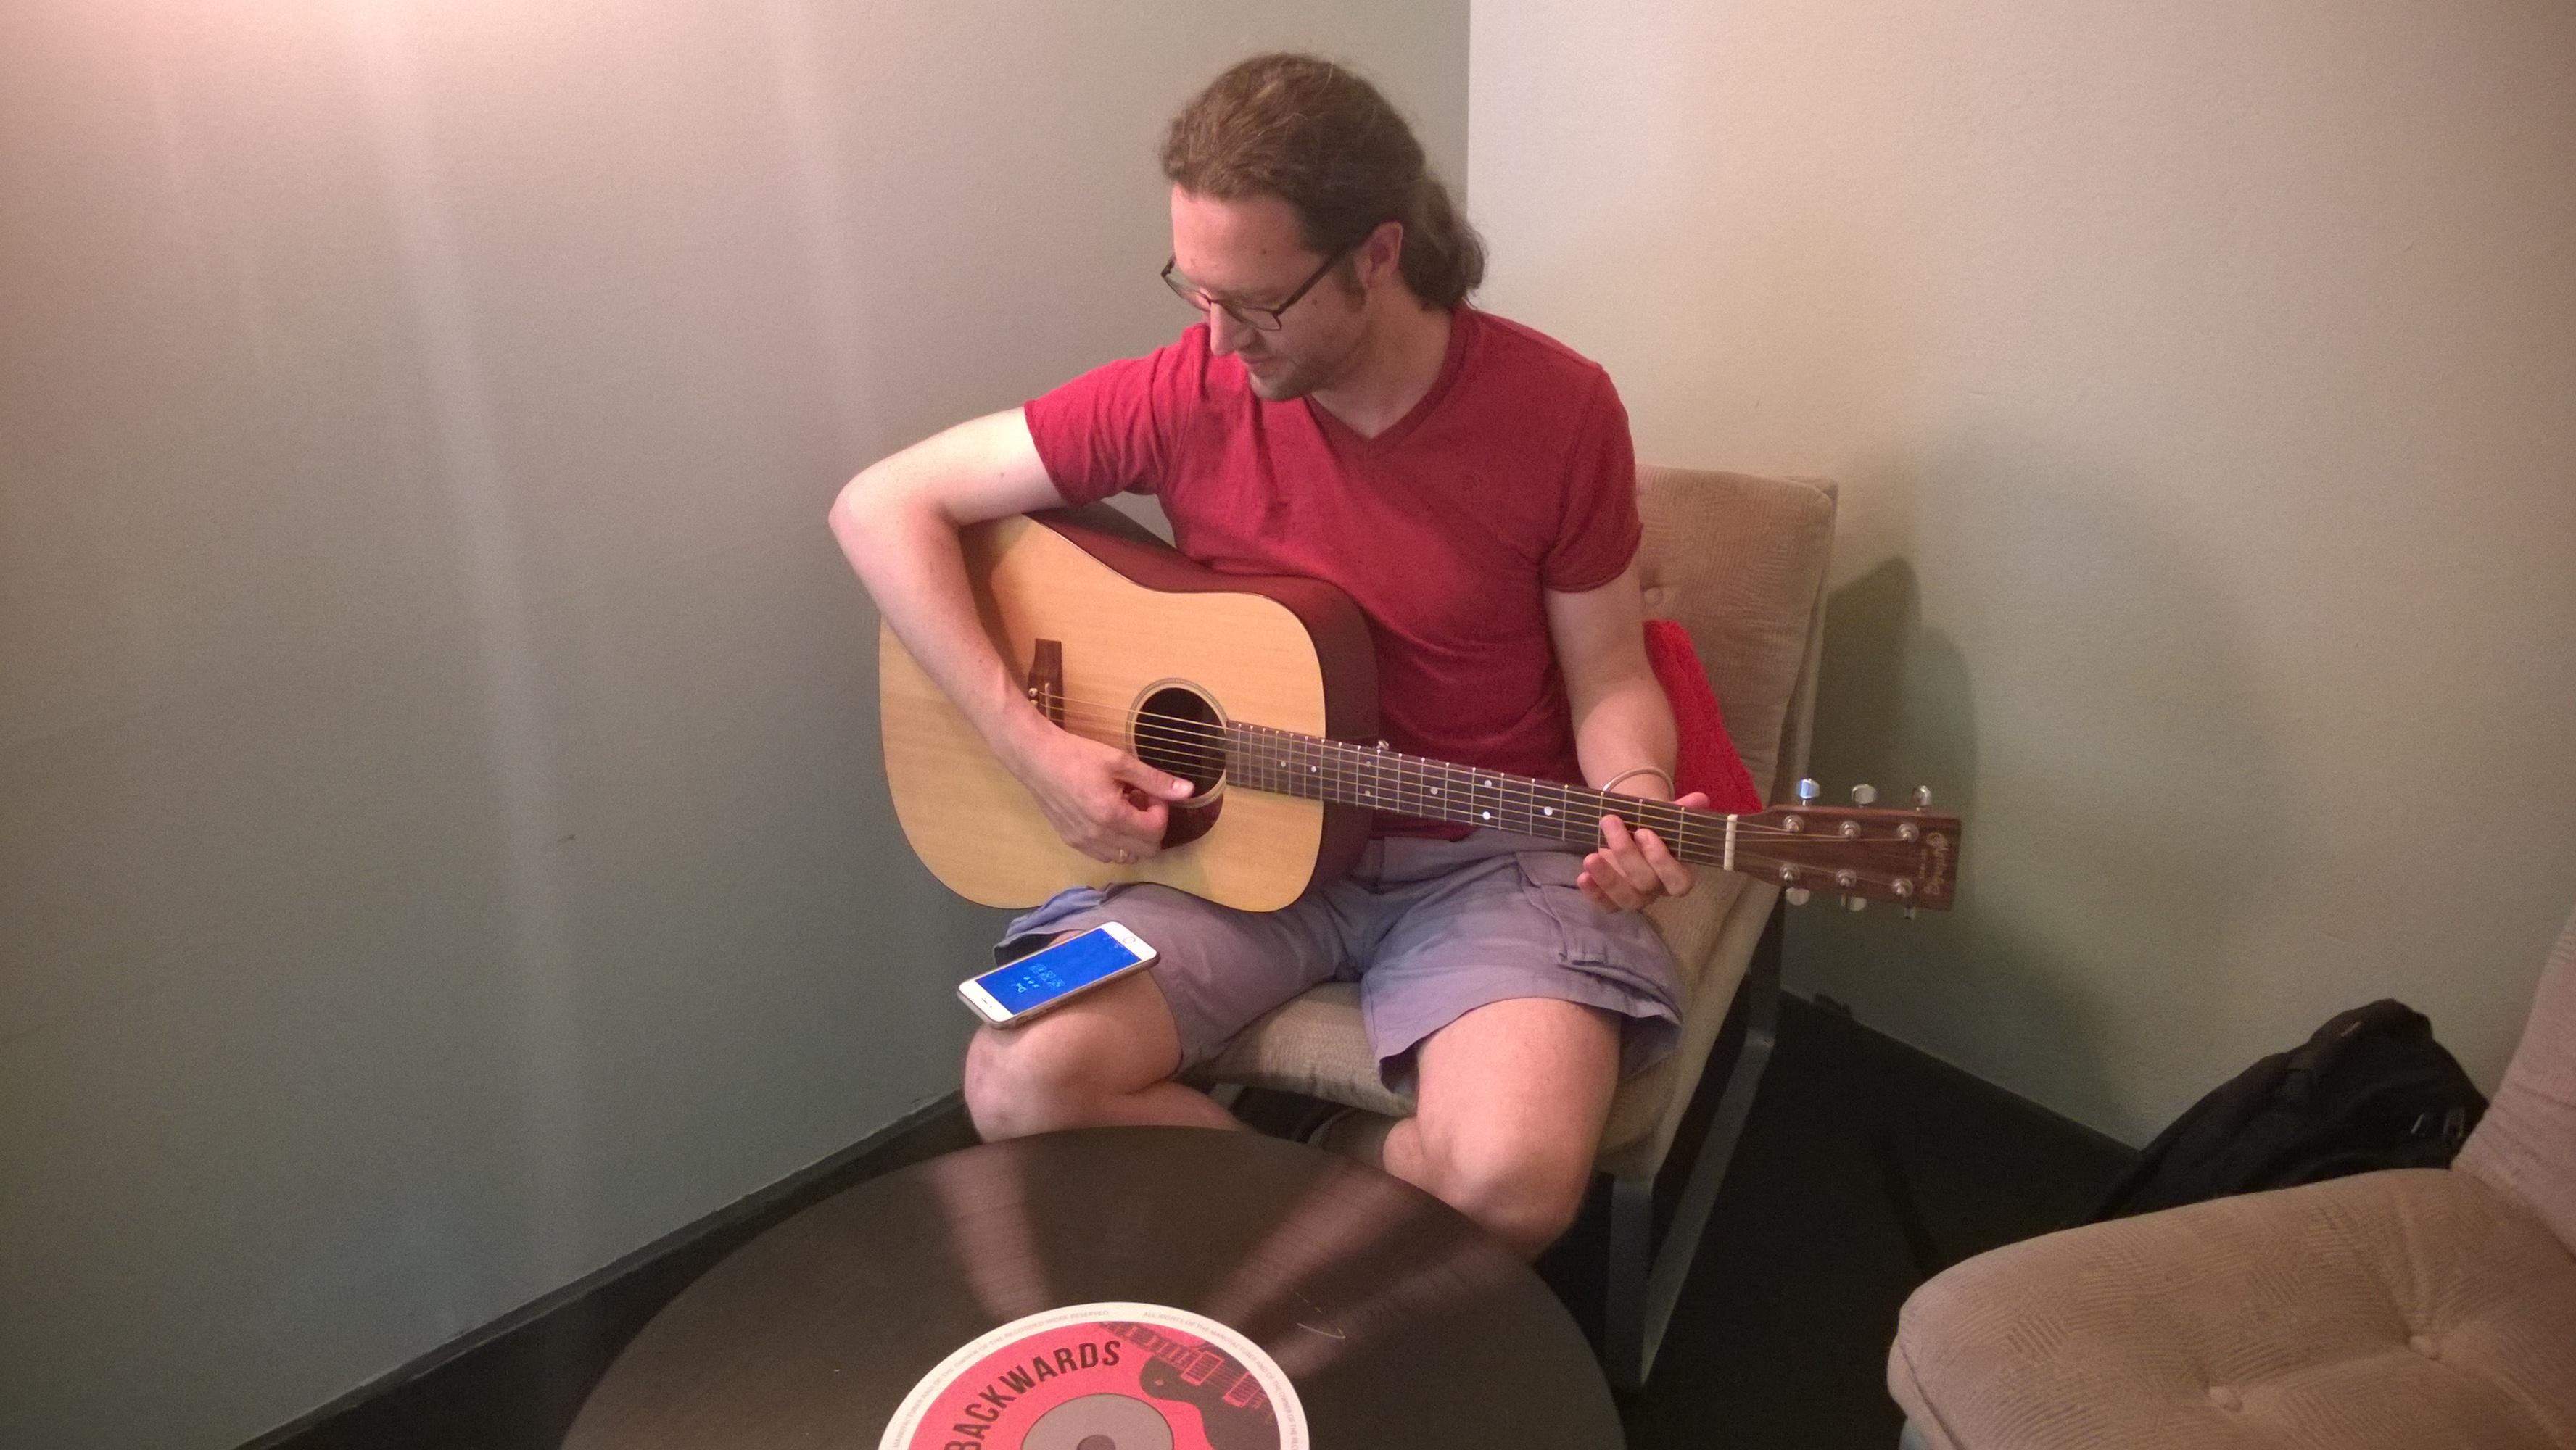 Uberchord ausprobiert: Besser spielen statt Highscore jagen - Simon Barkow-Oesterreicher demonstriert uns die Uberchord-App mit einer Akustik-Gitarre. (Foto: Alexander Merz/Golem.de)